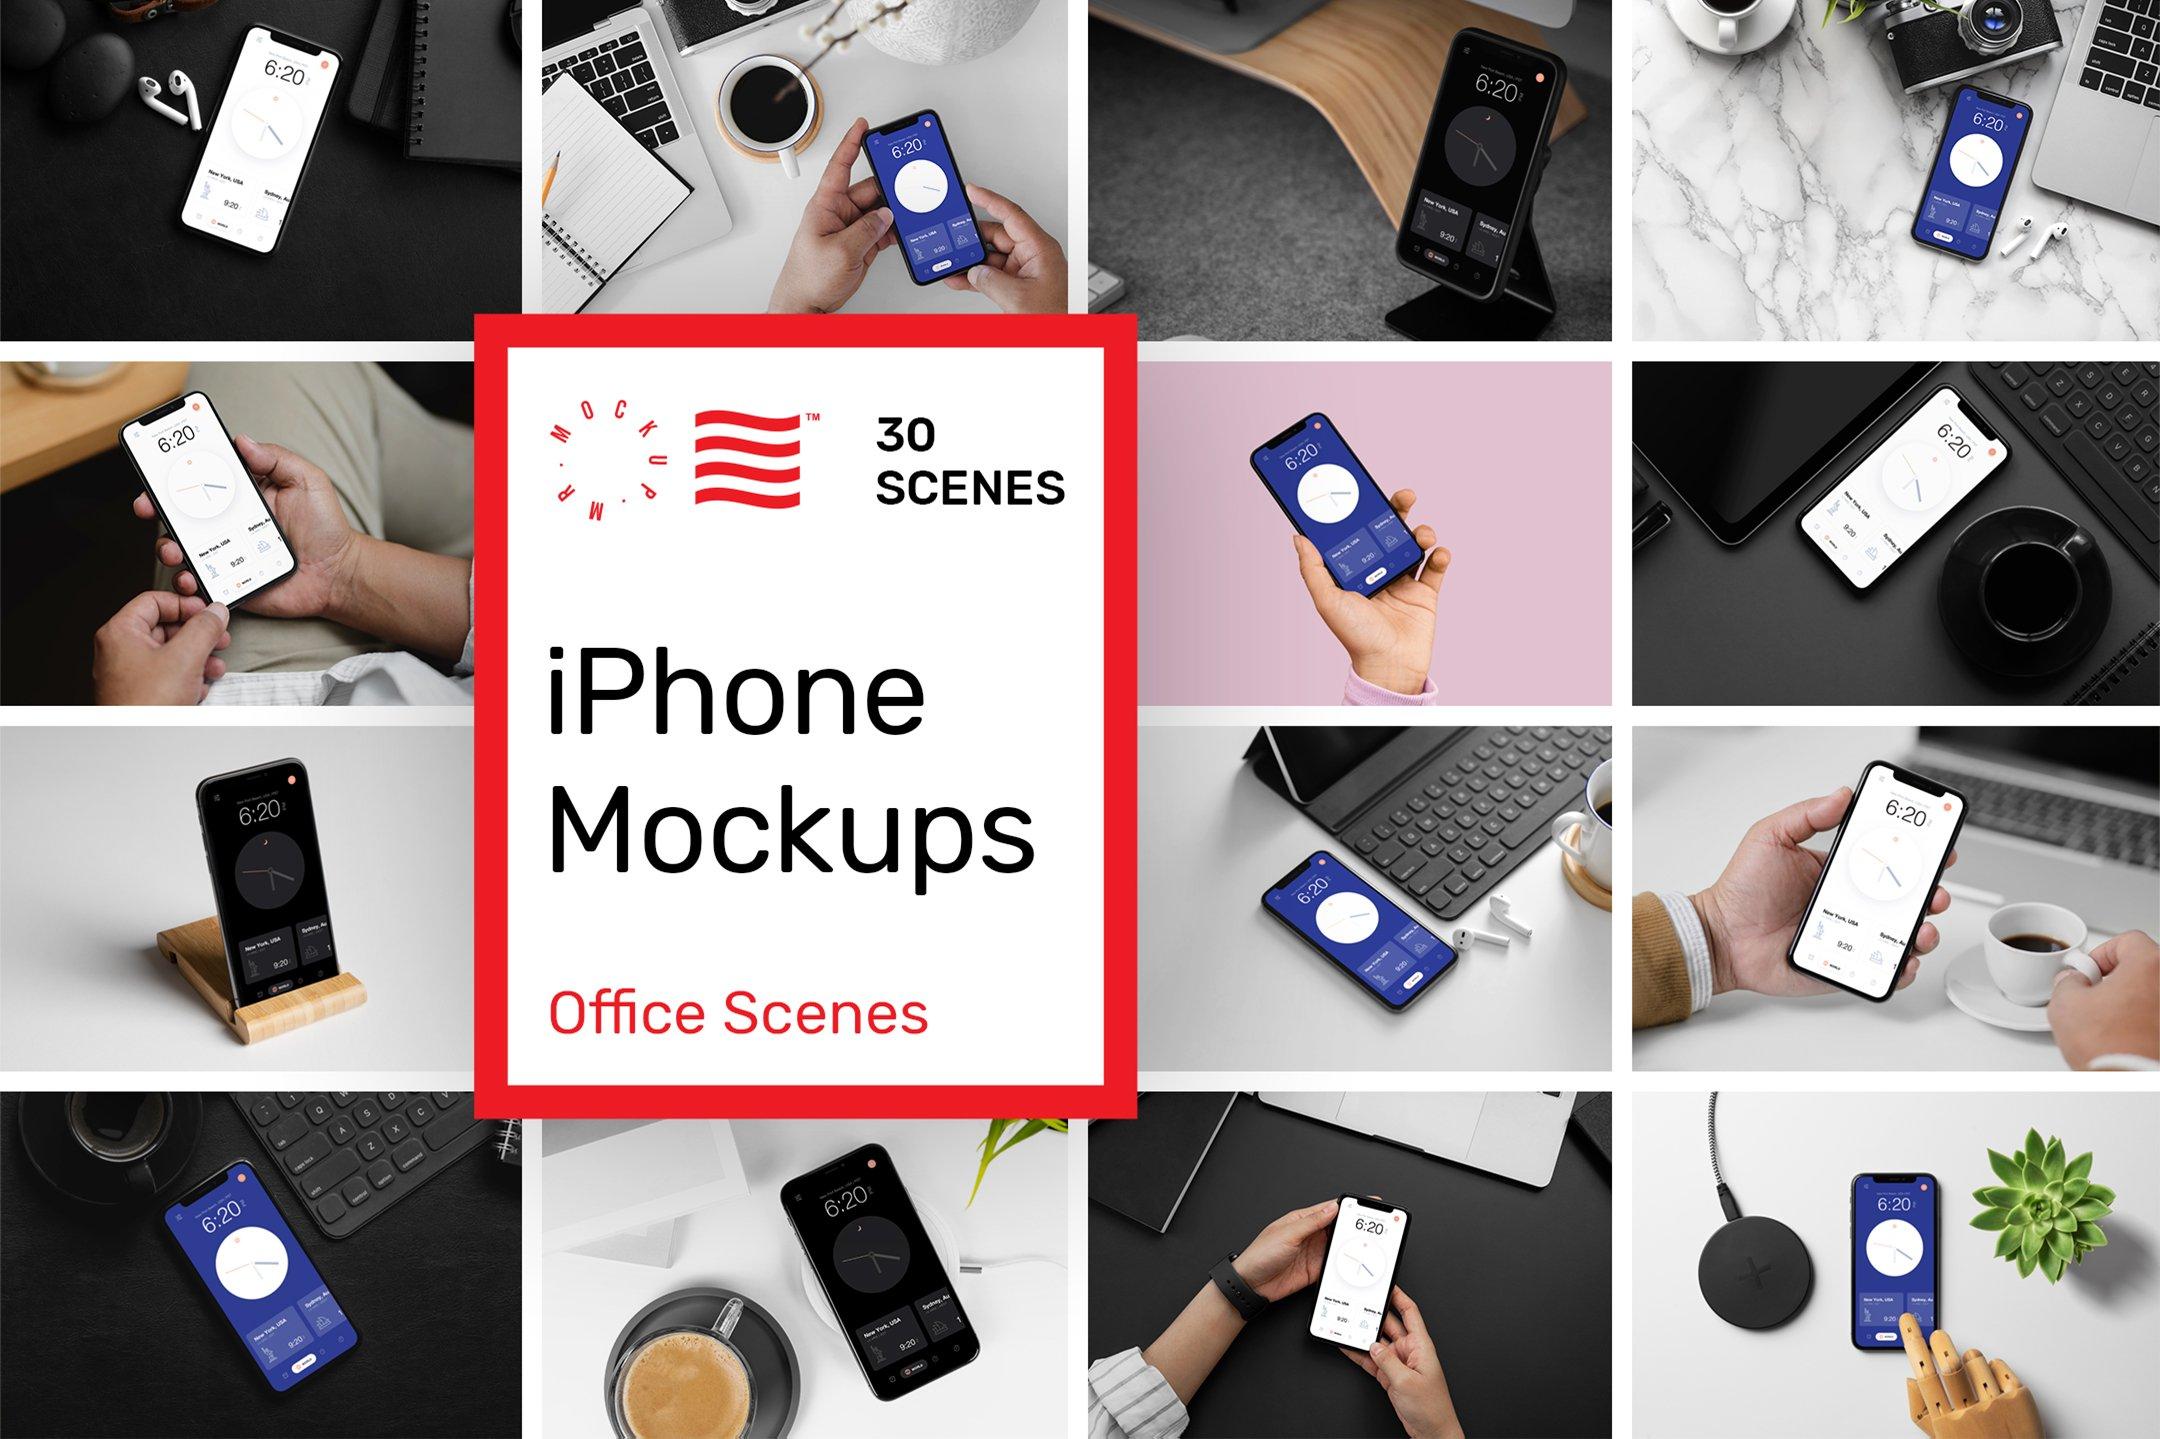 [淘宝购买] 超大品牌VI办公用品海报传单包装手机刺绣样机合集 Mockup Bundle – All In One [39.56GB]插图(10)